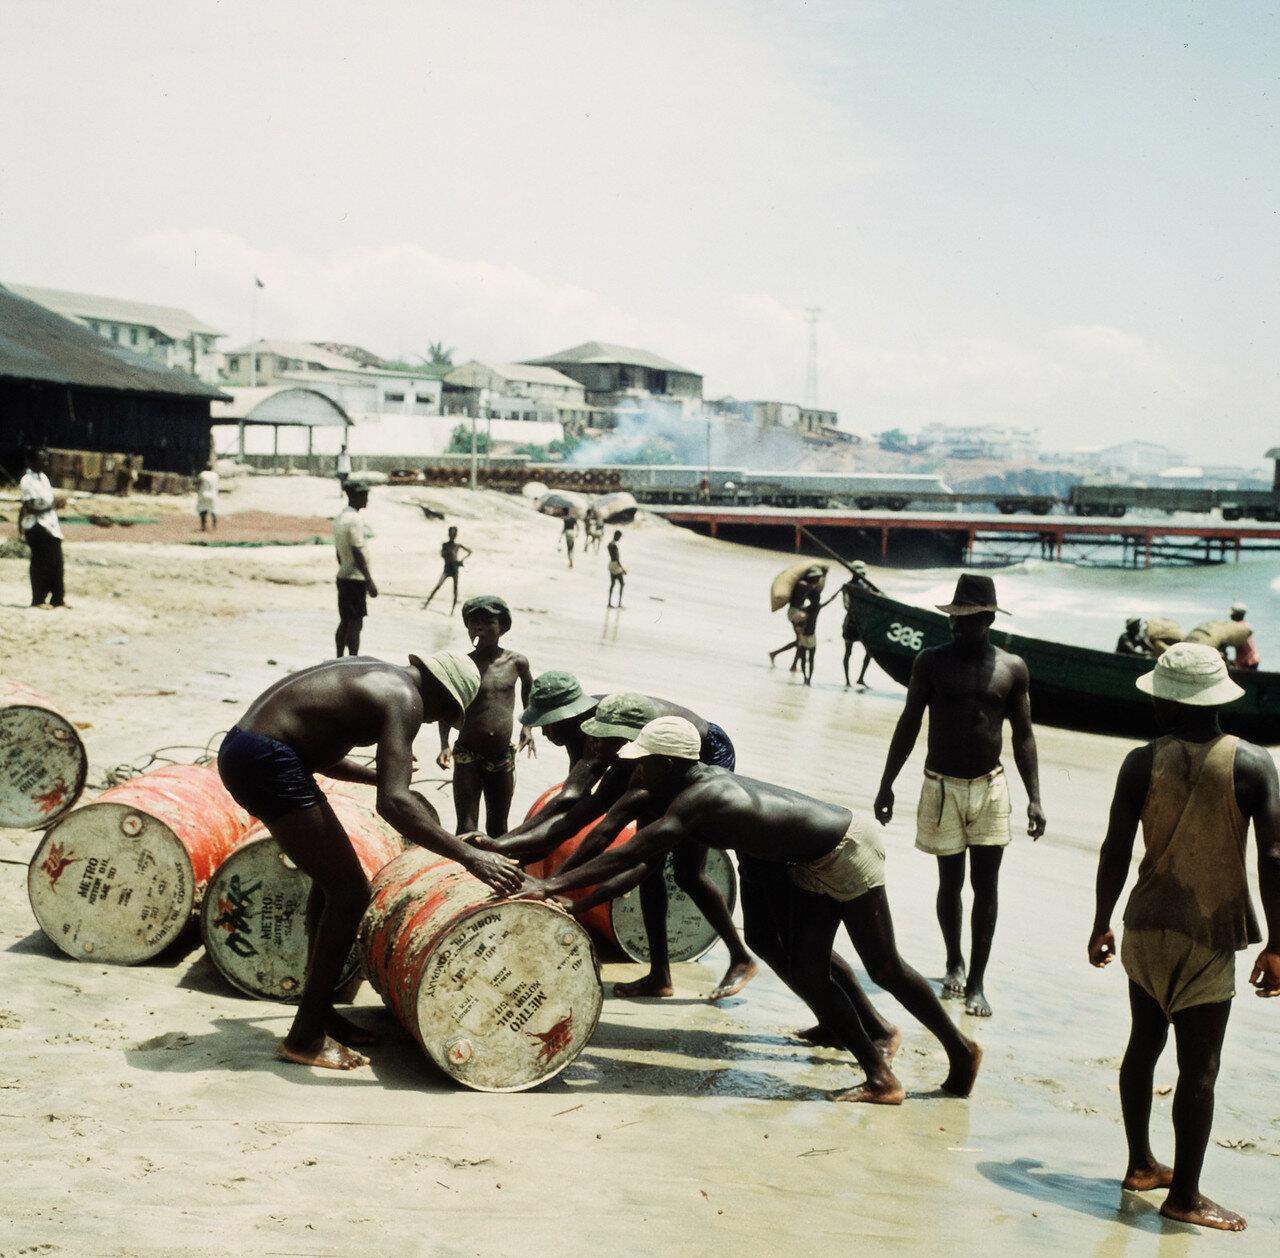 Разгрузка прибойных шлюпок на берегу, 1 апреля